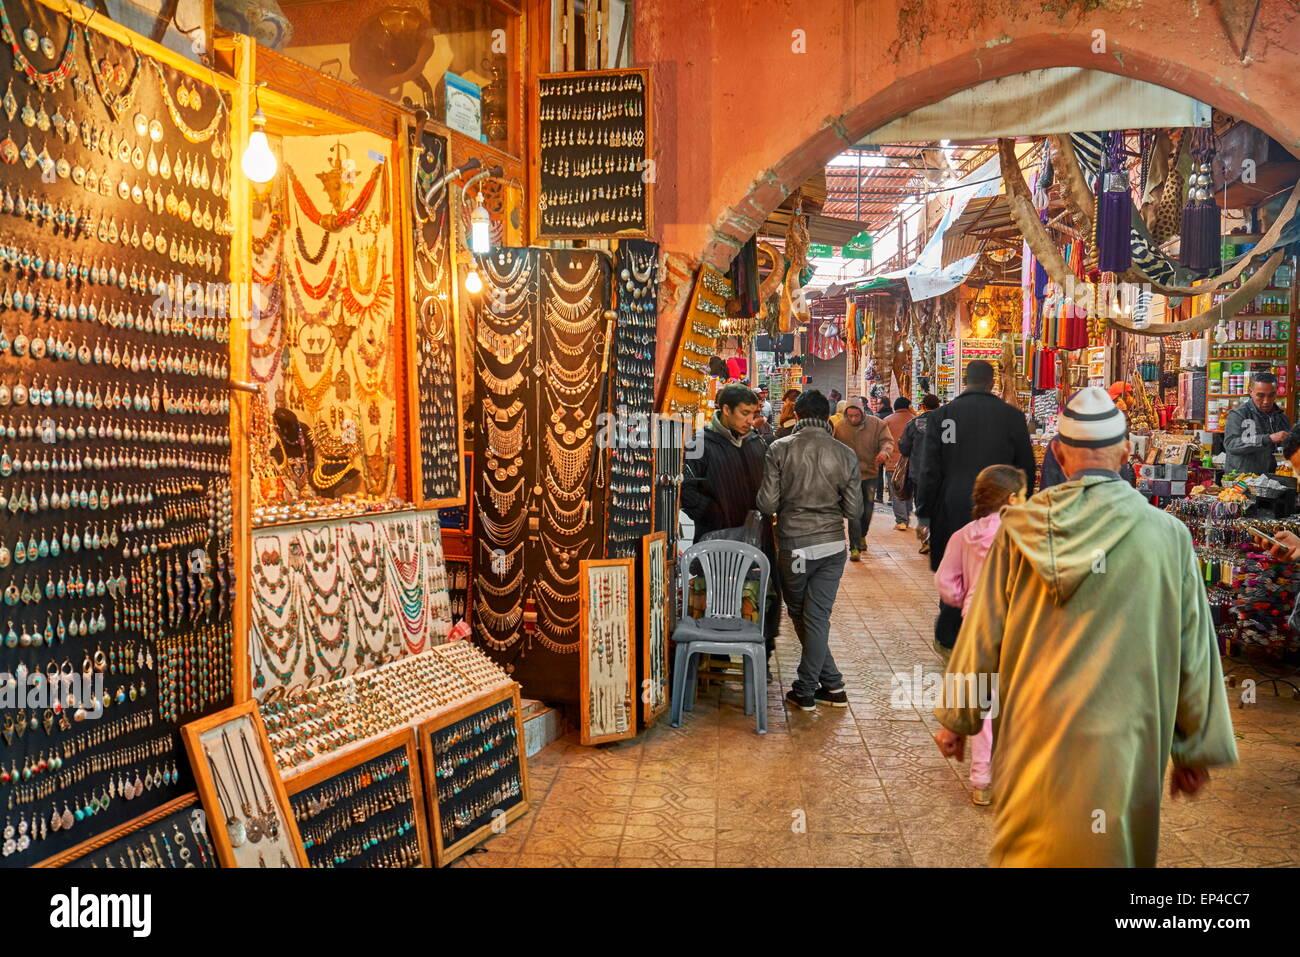 Marrakech Medina, local souk, Morocco, Africa Stock Photo